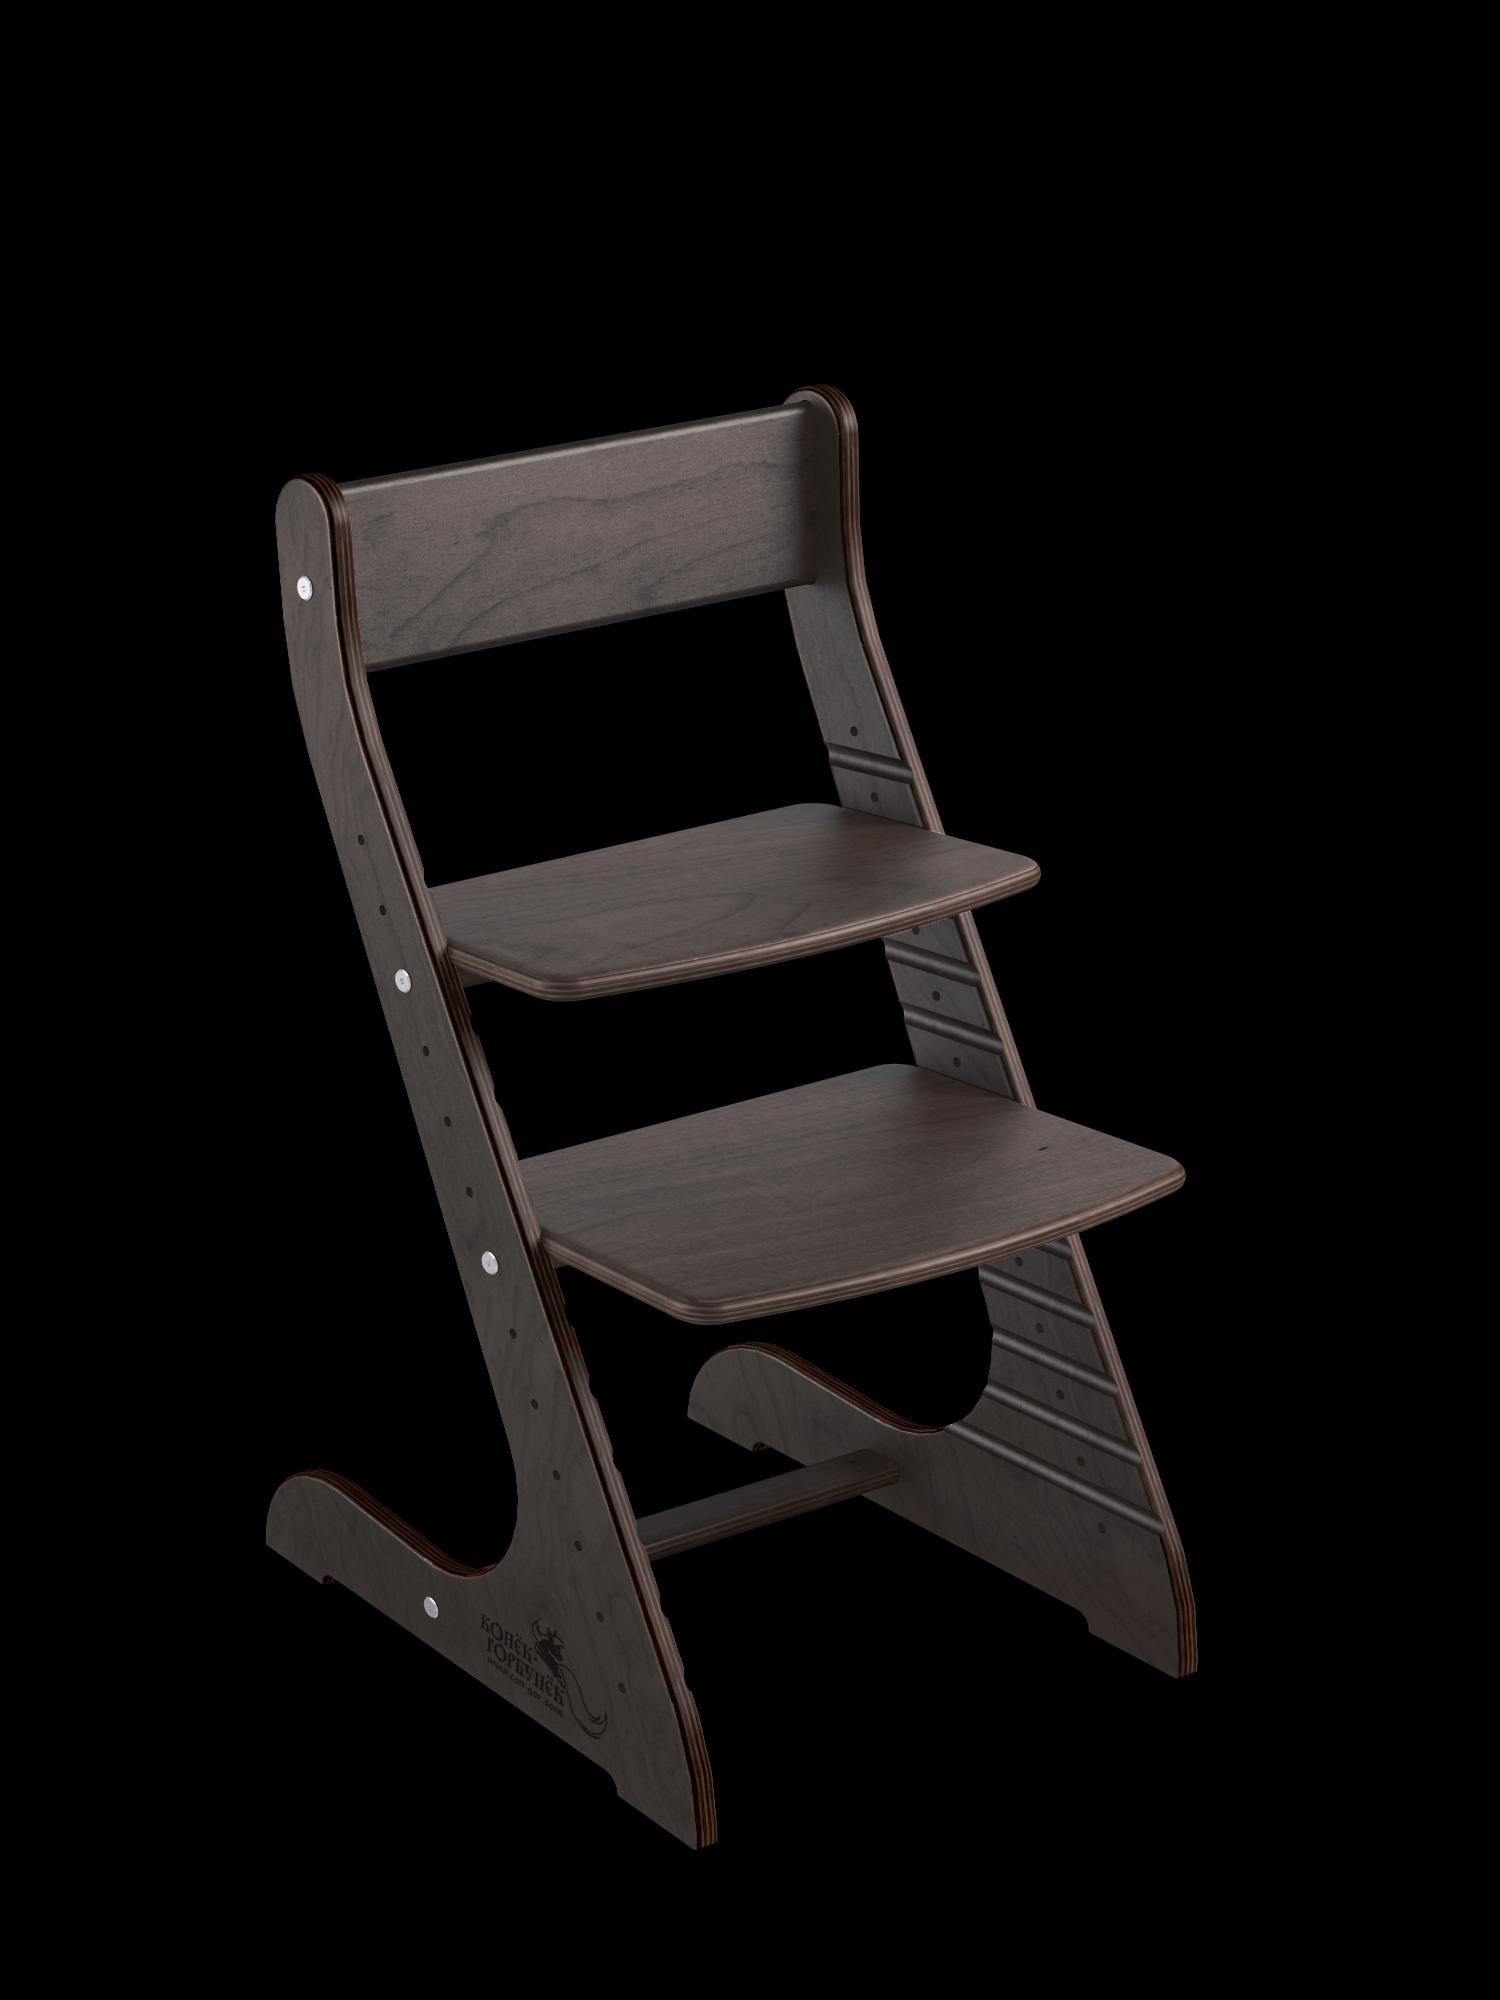 Детский растущий стул Конёк Горбунёк Стандарт, цвет Венге, Конек Горбунек,  - купить со скидкой